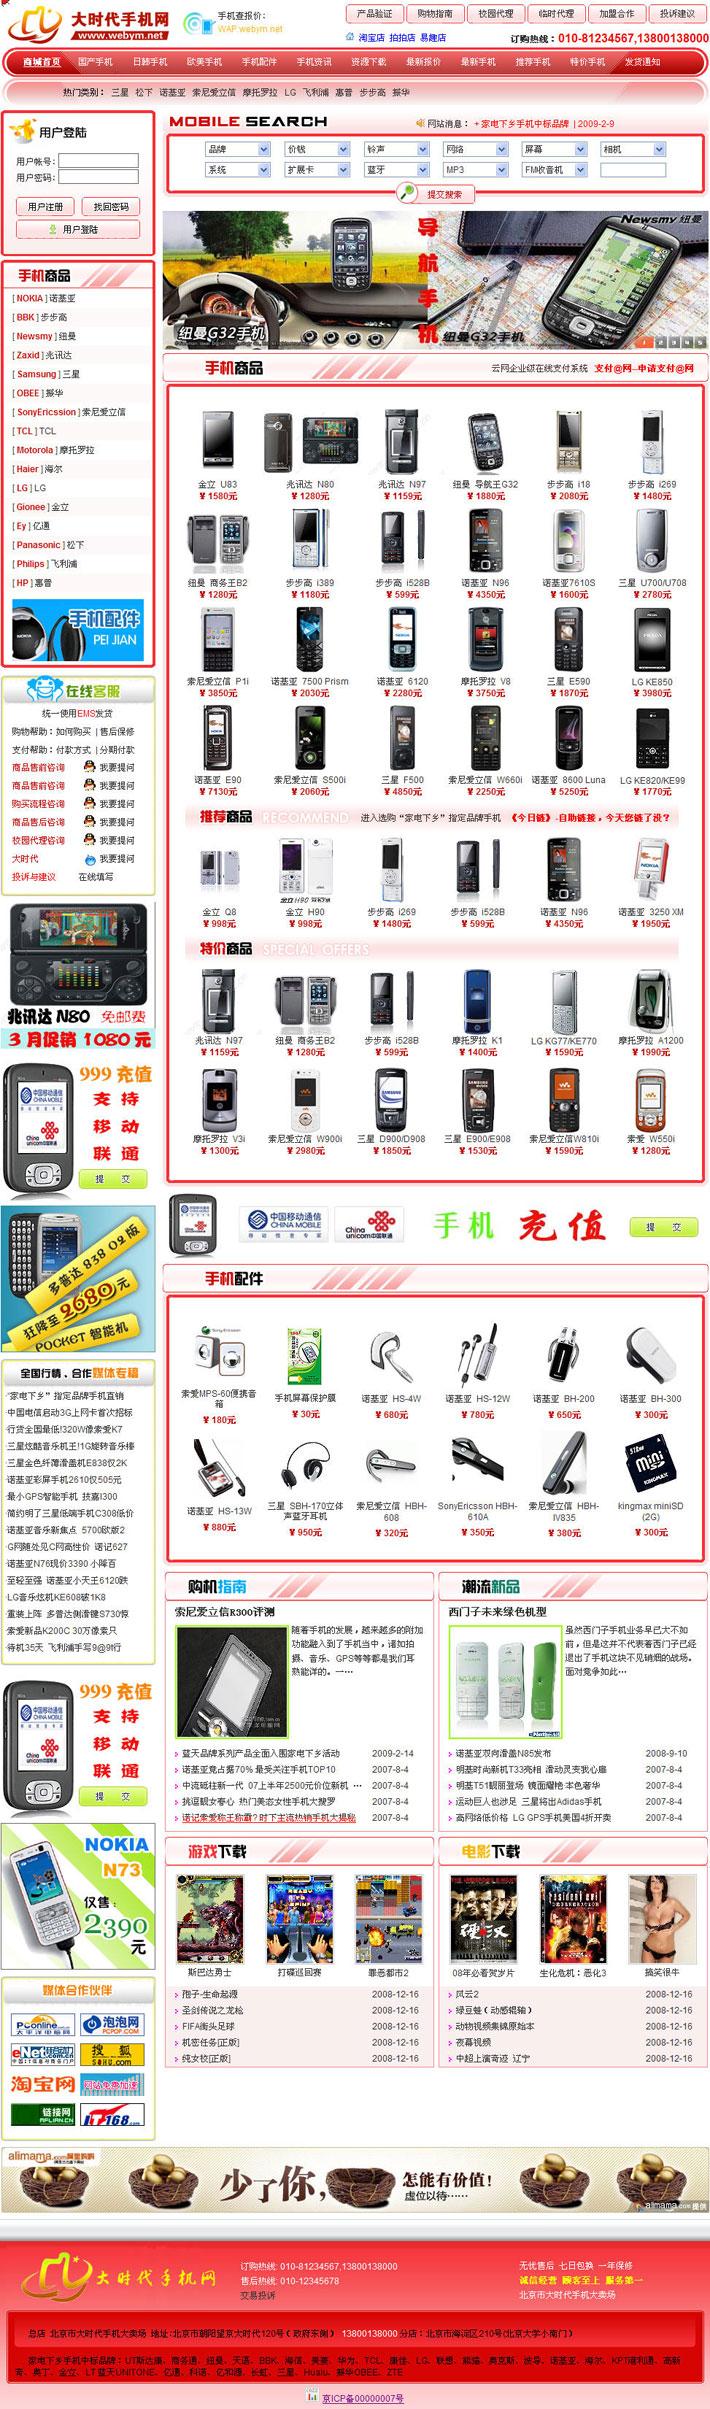 手机购物商城网站系统